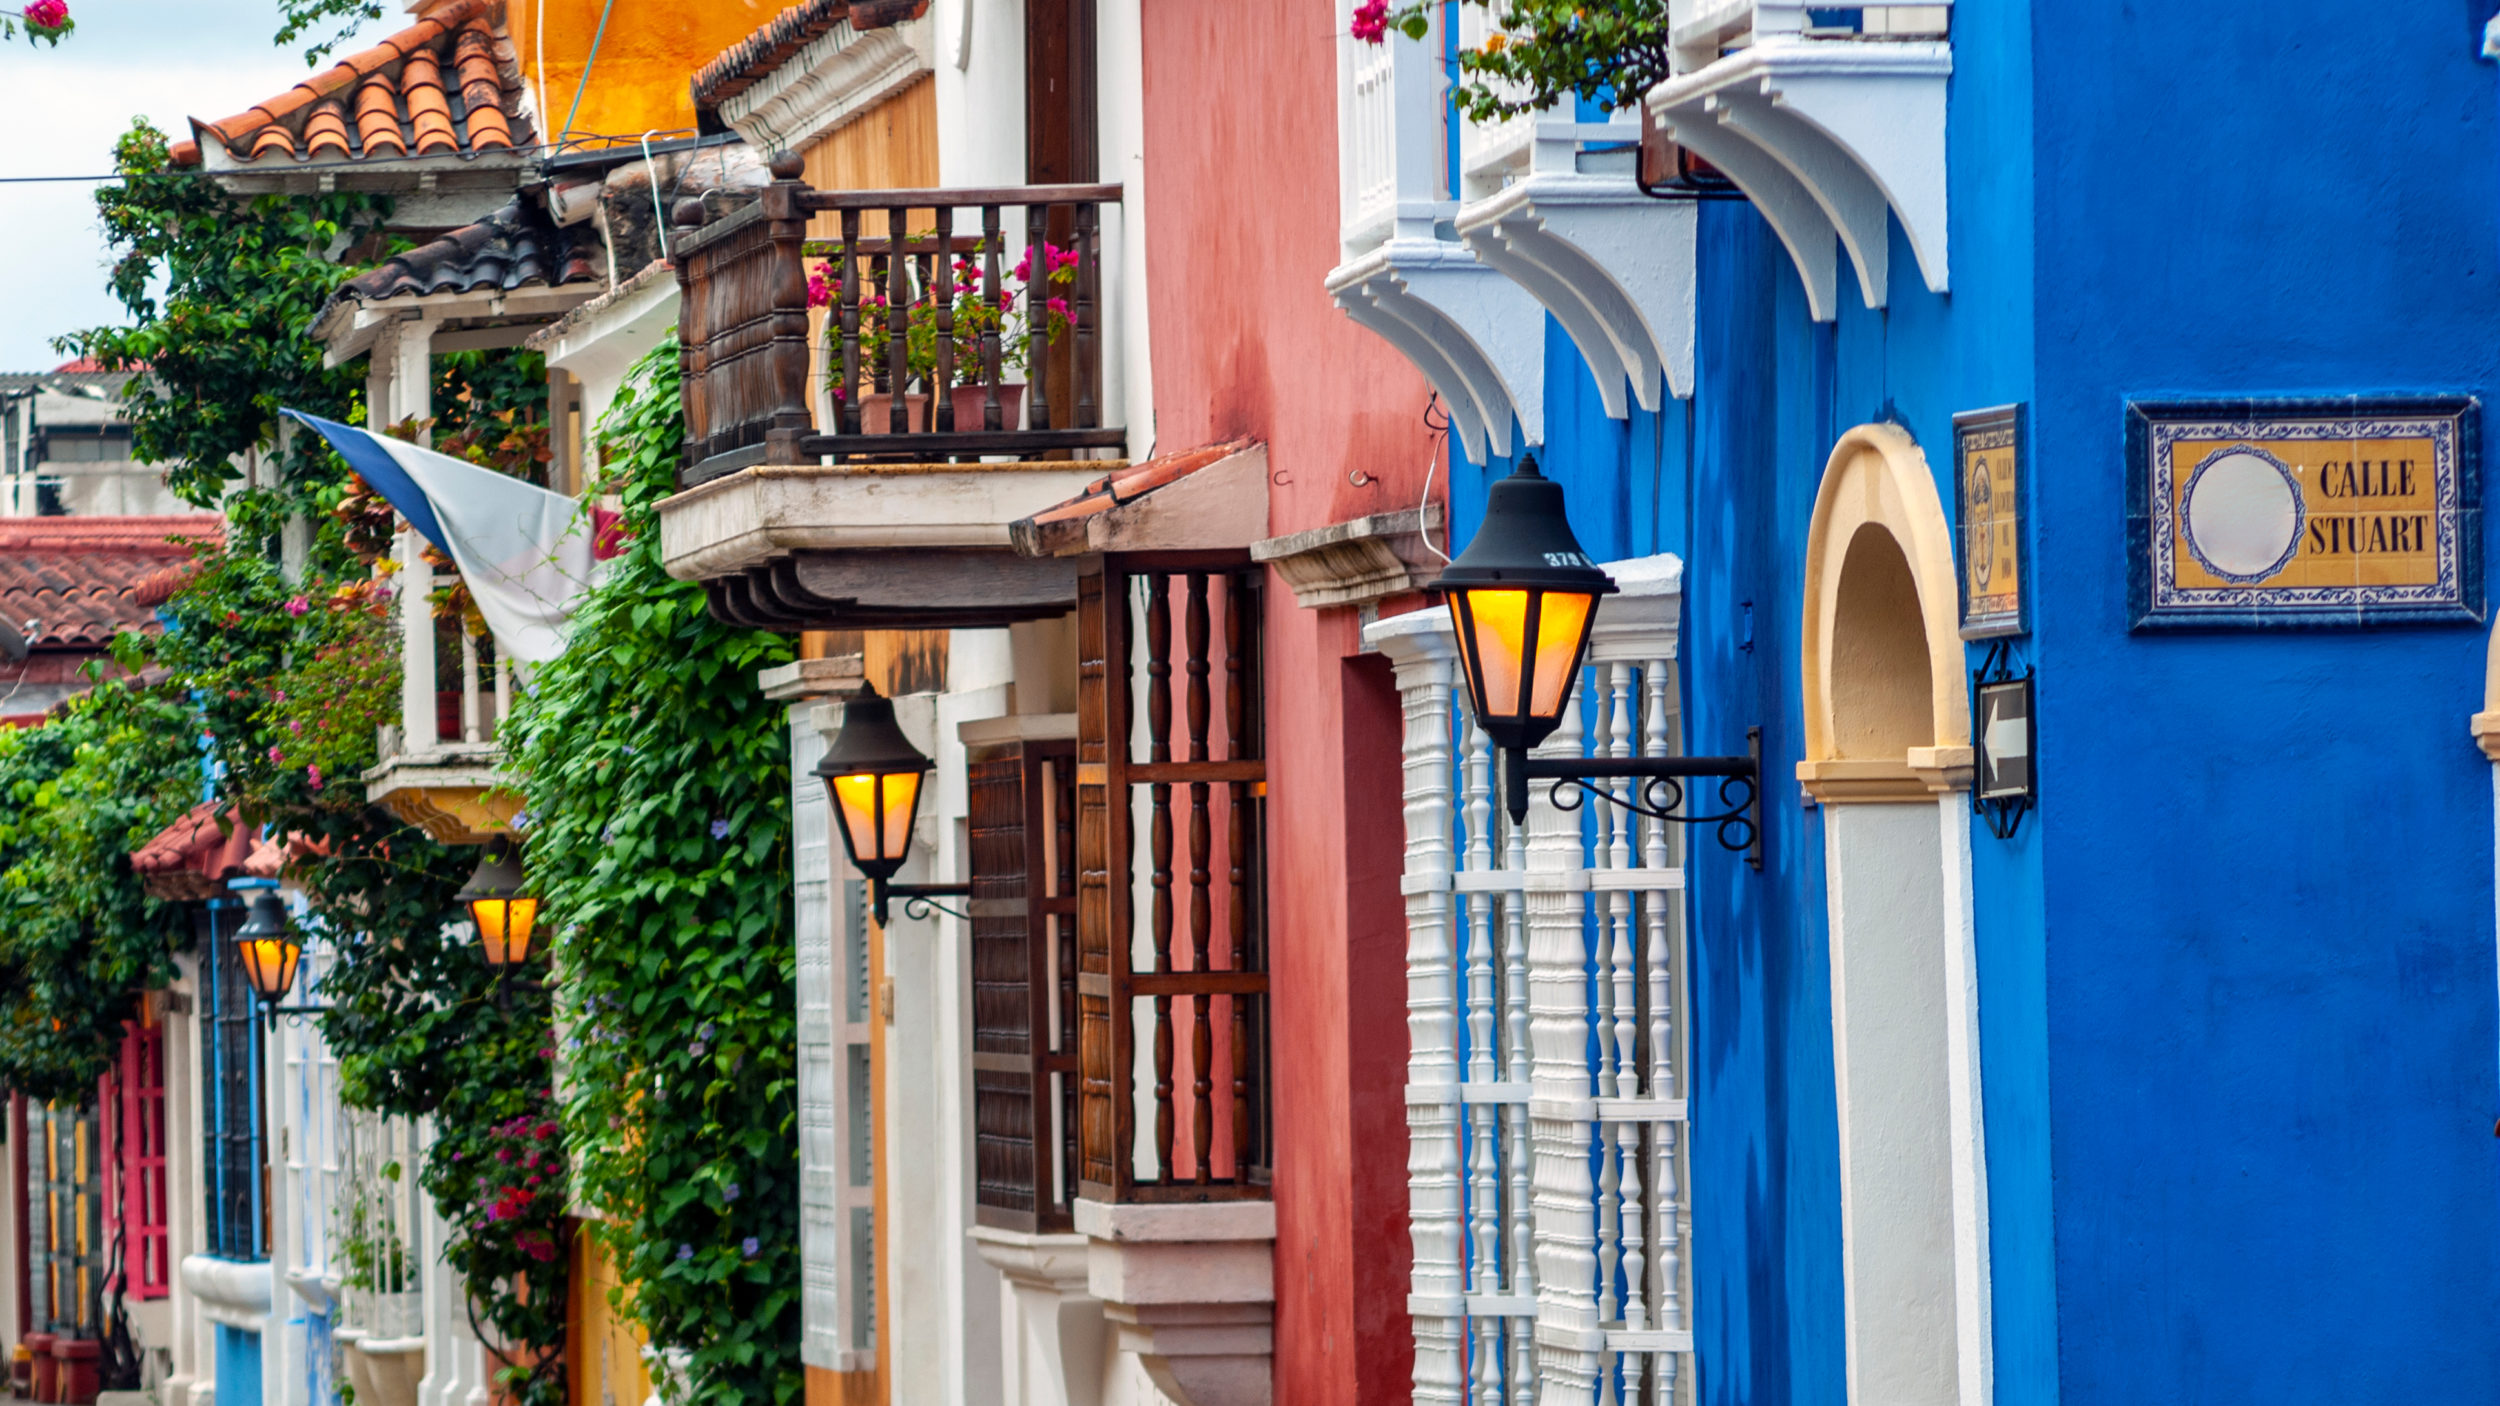 Colombia [Shutterstock]